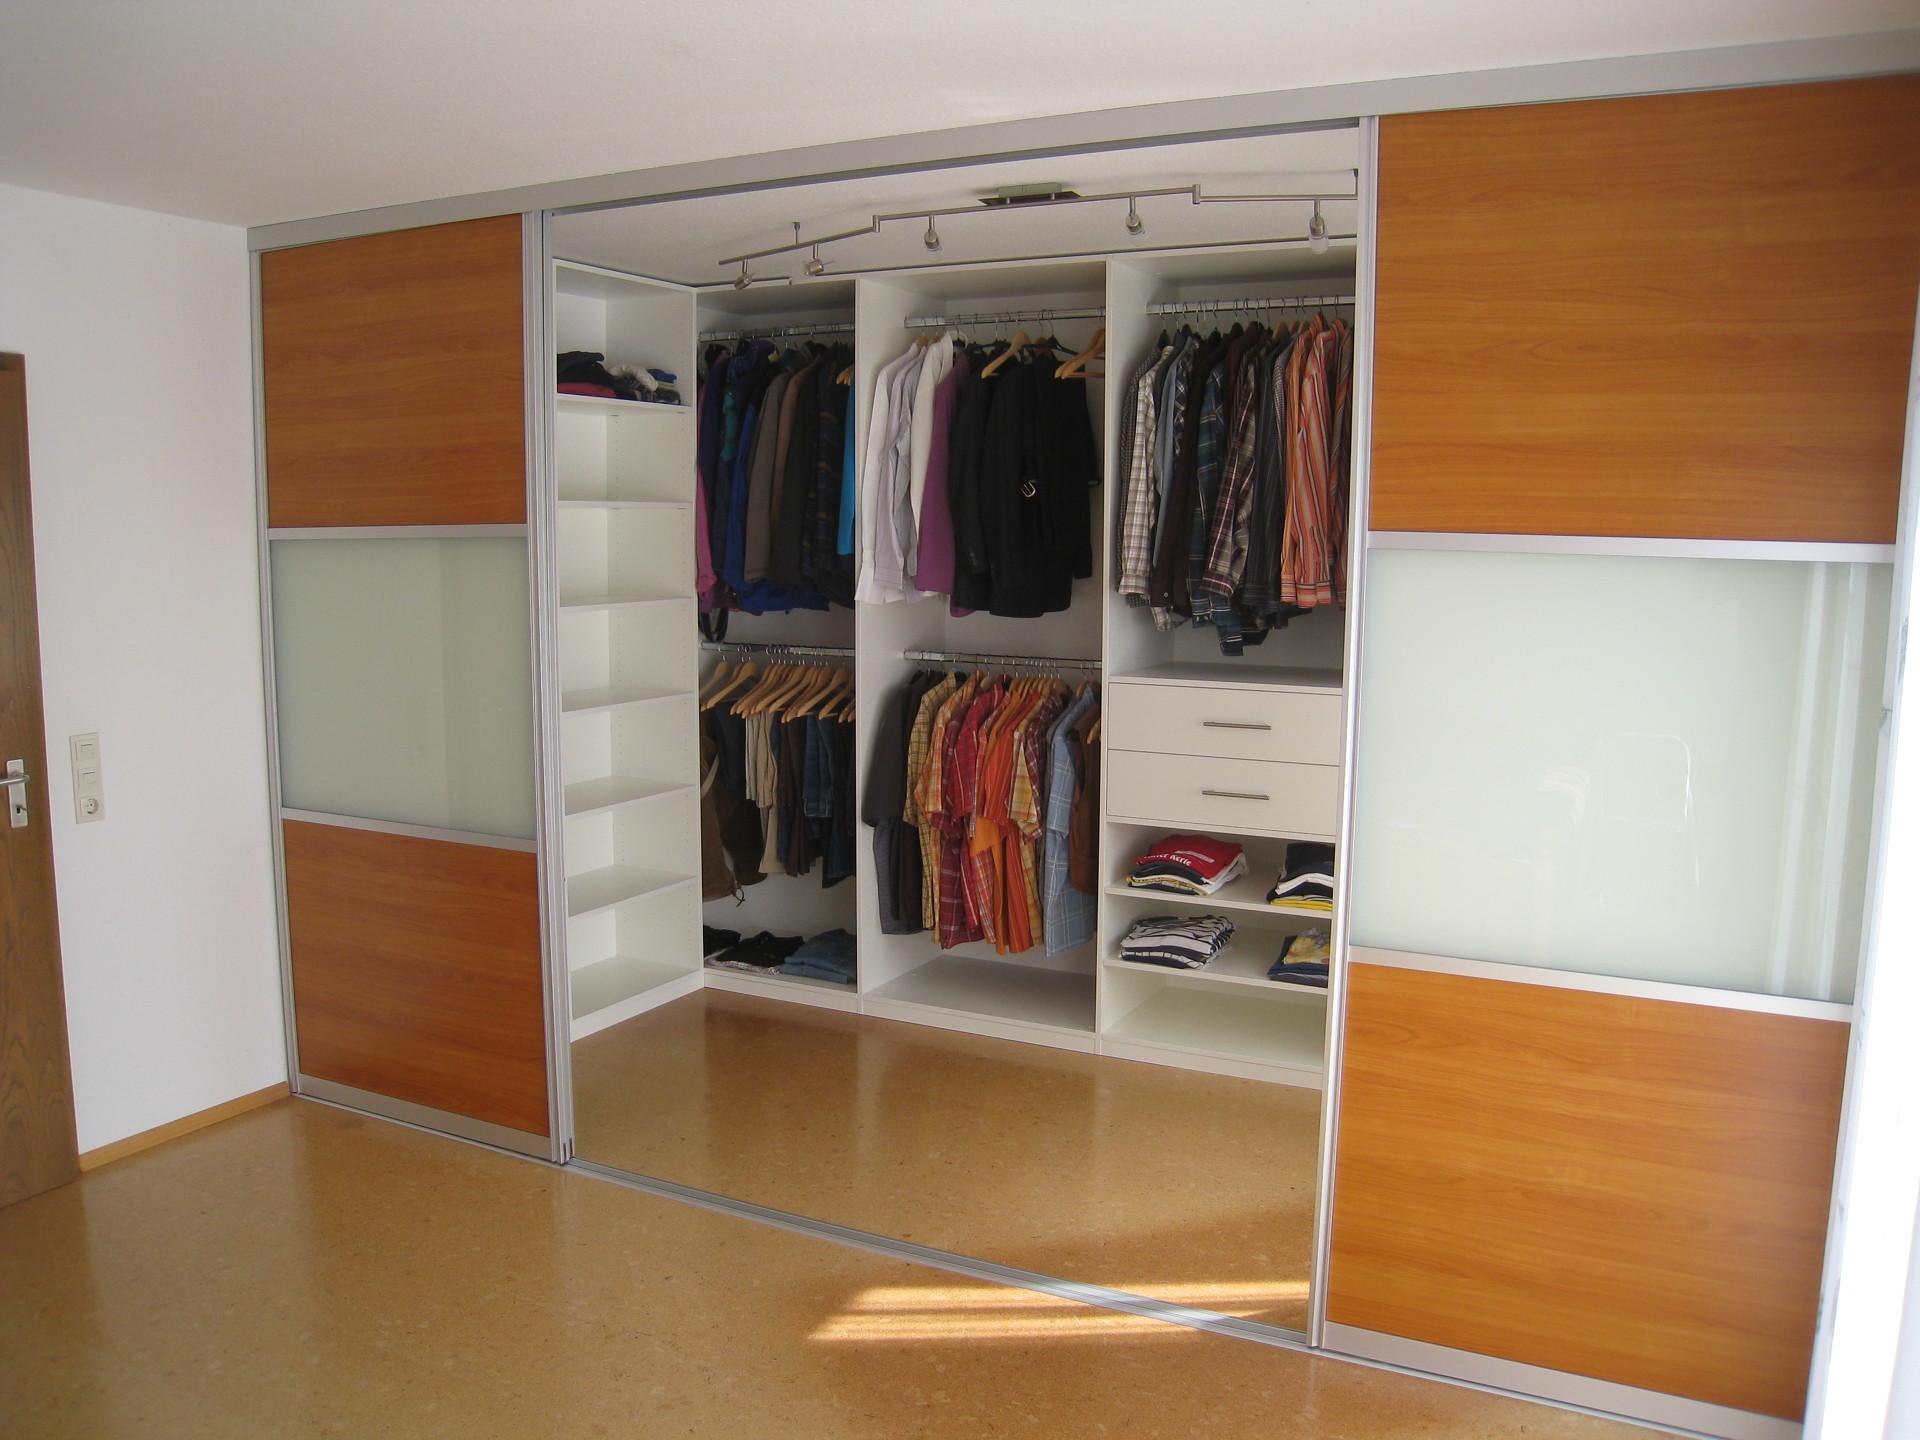 Гардеробные шкафы купе, особенности наполнения и размещения.